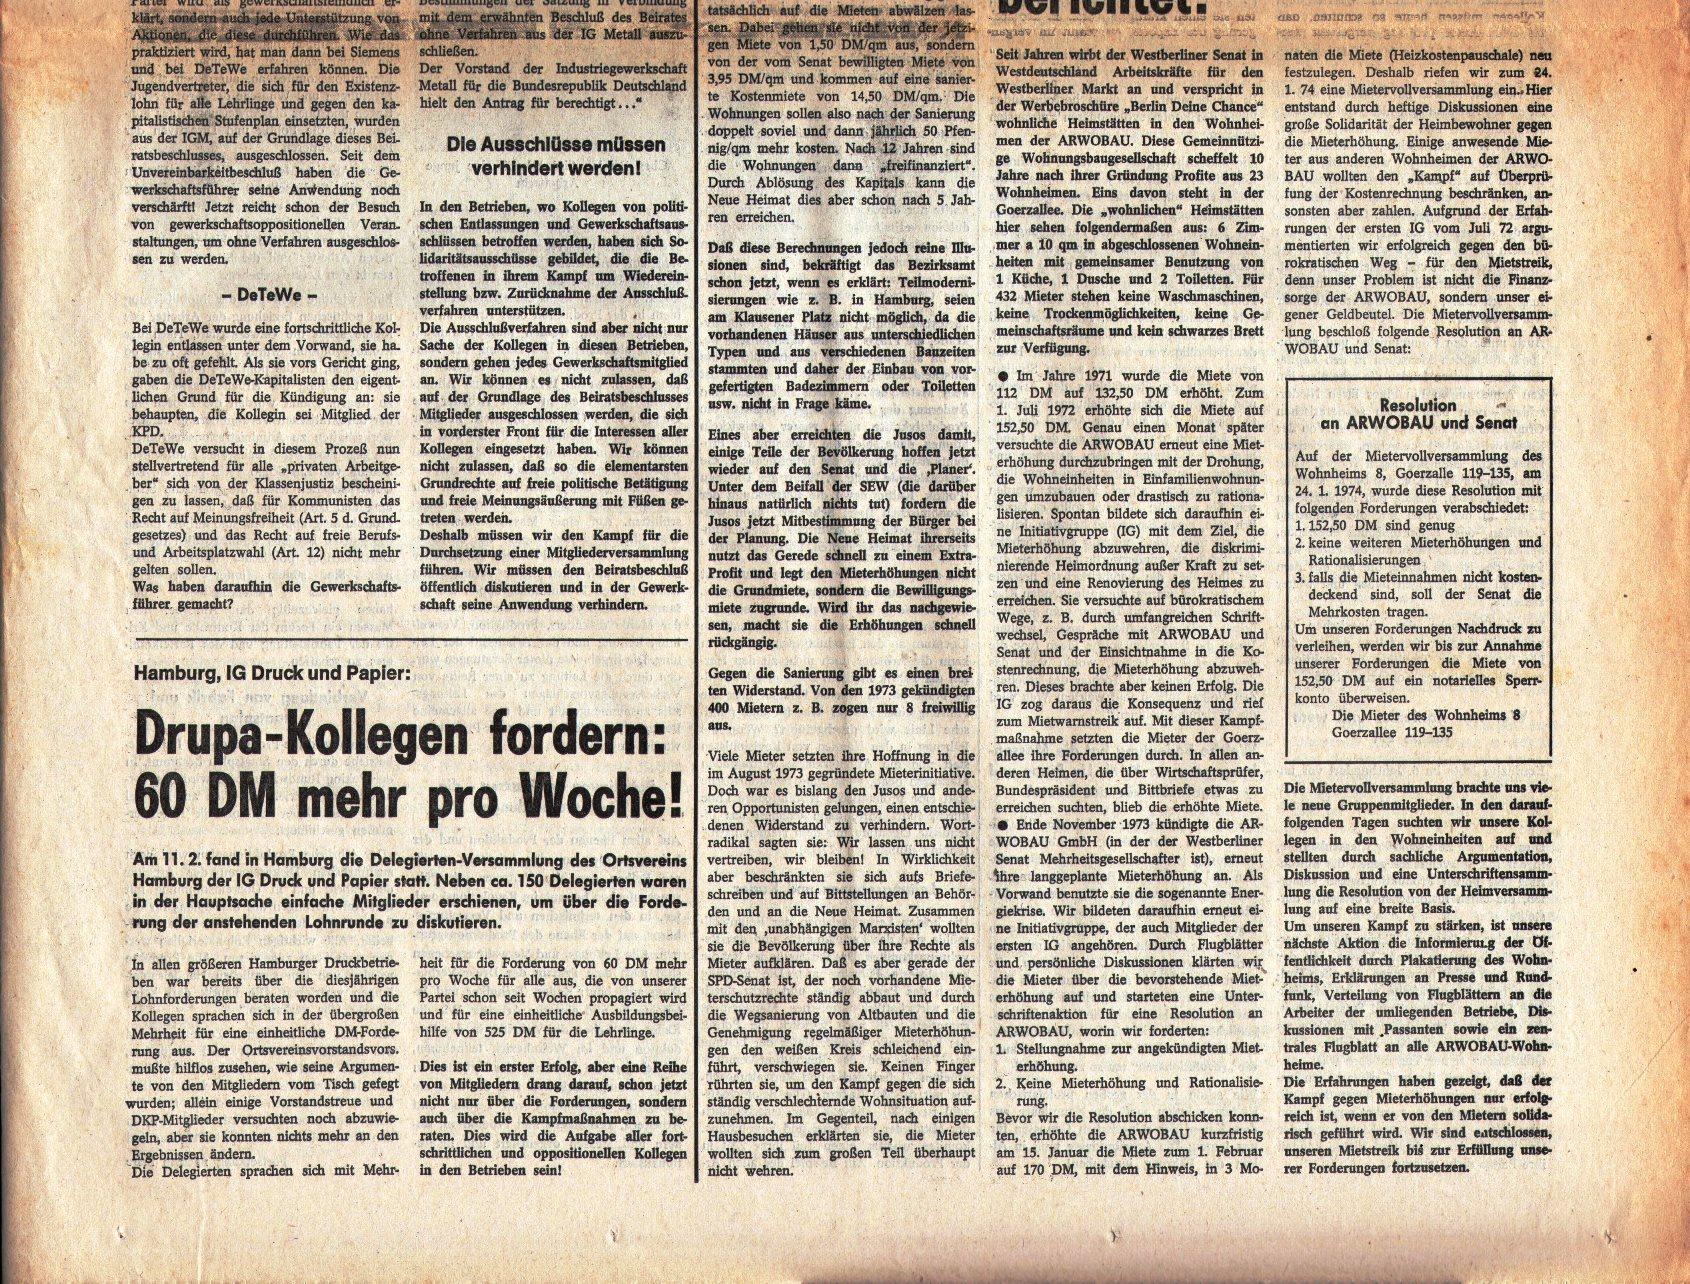 KPD_Rote_Fahne_1974_07_10